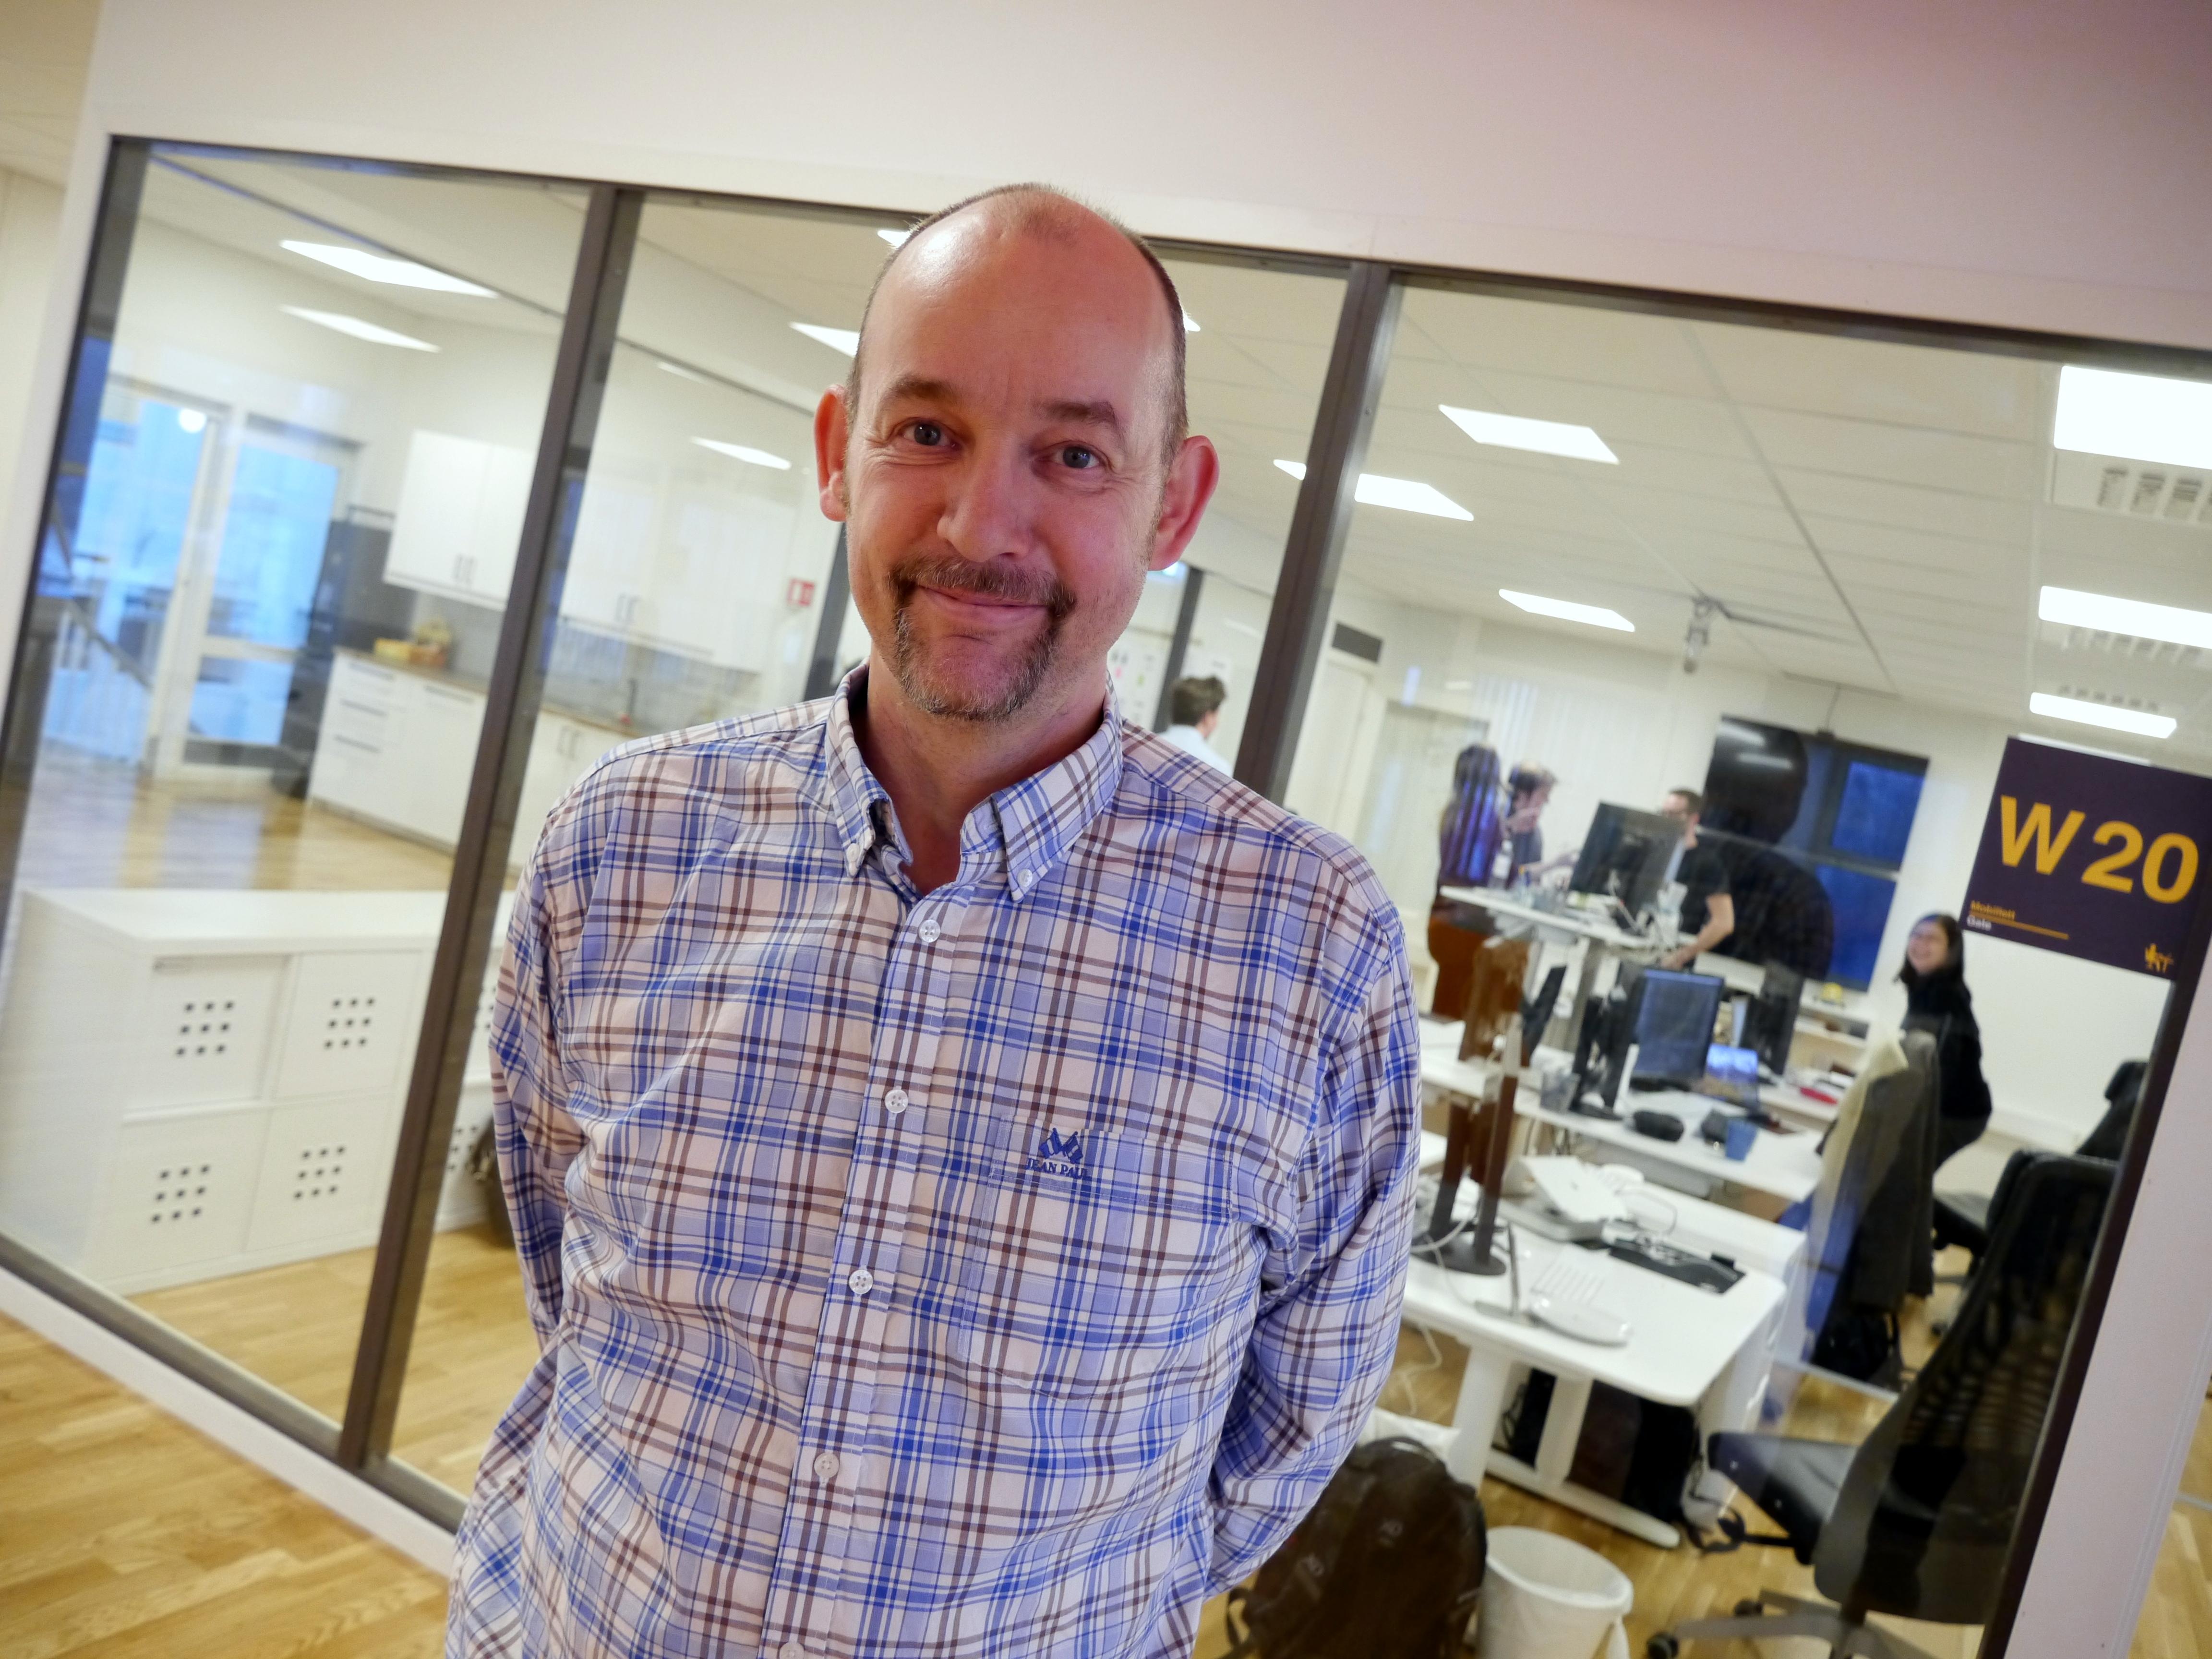 Eventyrlig utvikling. Trond Nordby, administrerende direktør i WTW AS, tar sikte på å runde 60 millioner i omsetning i 2016.